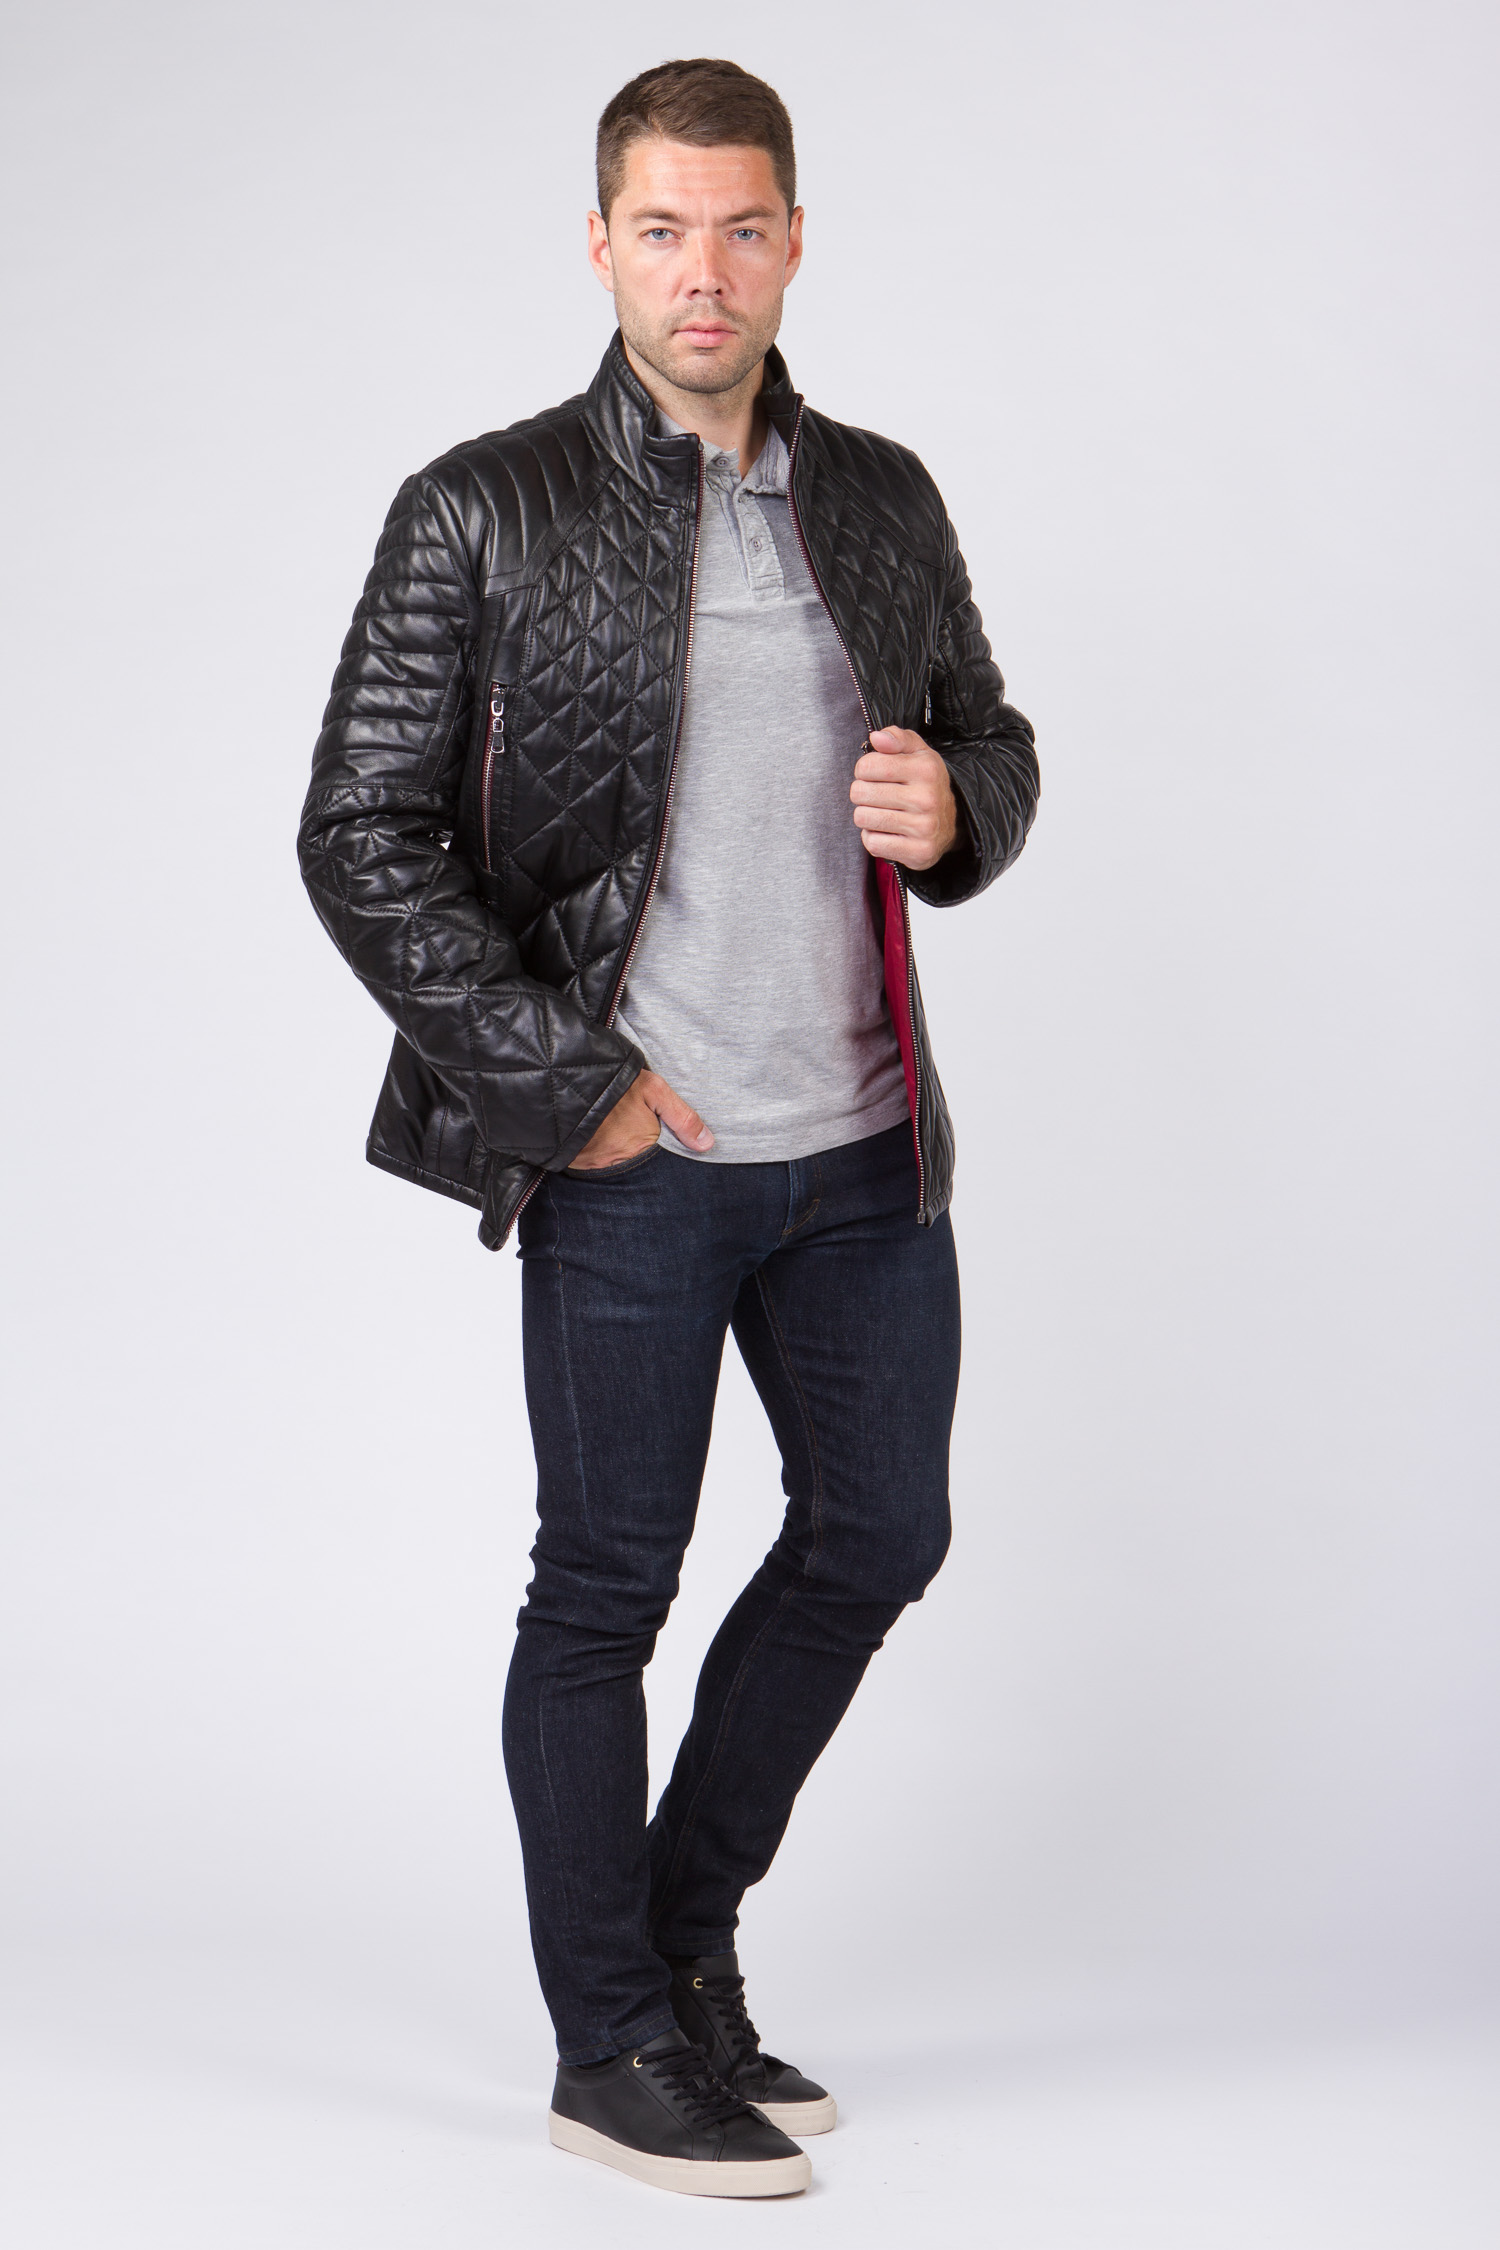 Мужская кожаная куртка из натуральной кожи с воротником, без отделки